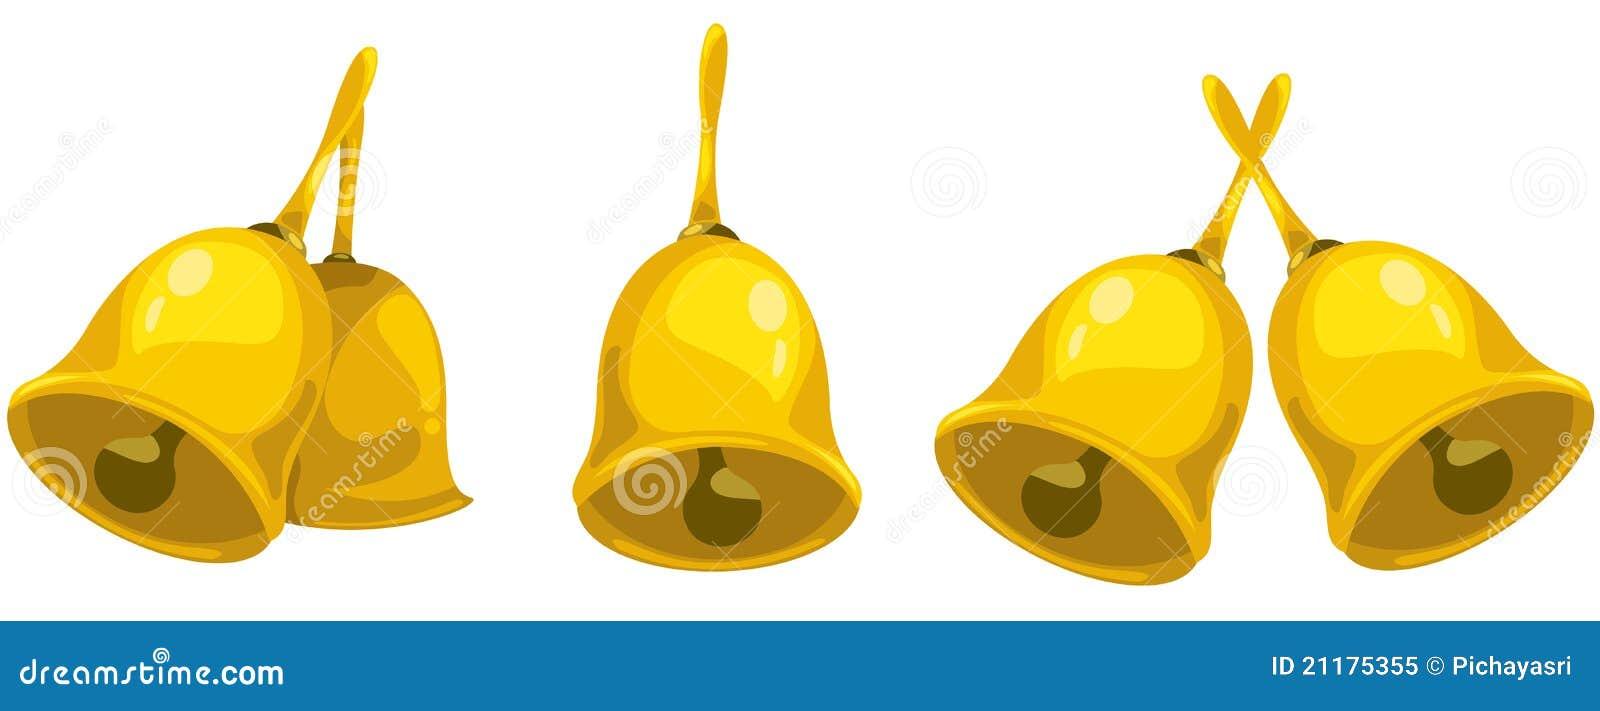 Gold handbell